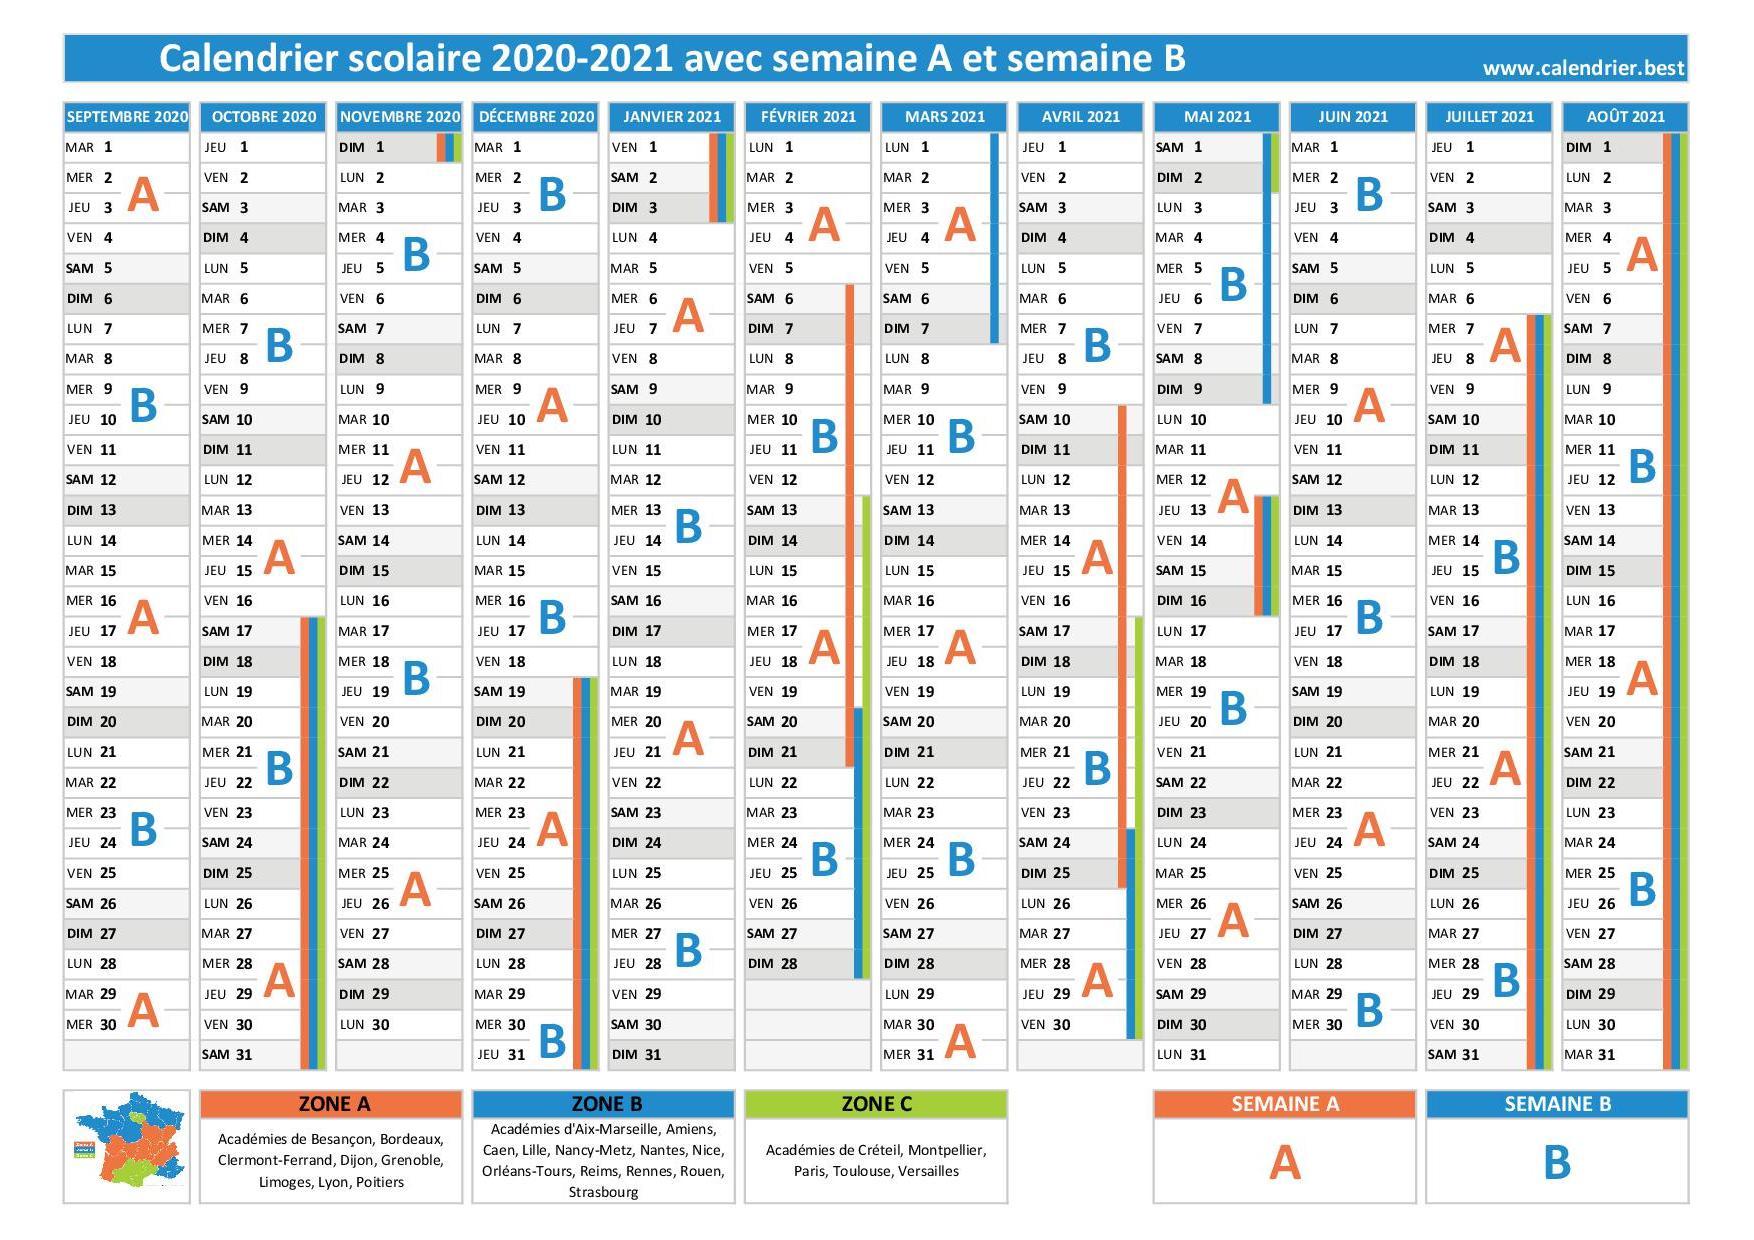 Calendrier Semaine A Et B 2021 2022 Semaine A ou B, calendrier scolaire 2019 2020 et 2020 2021